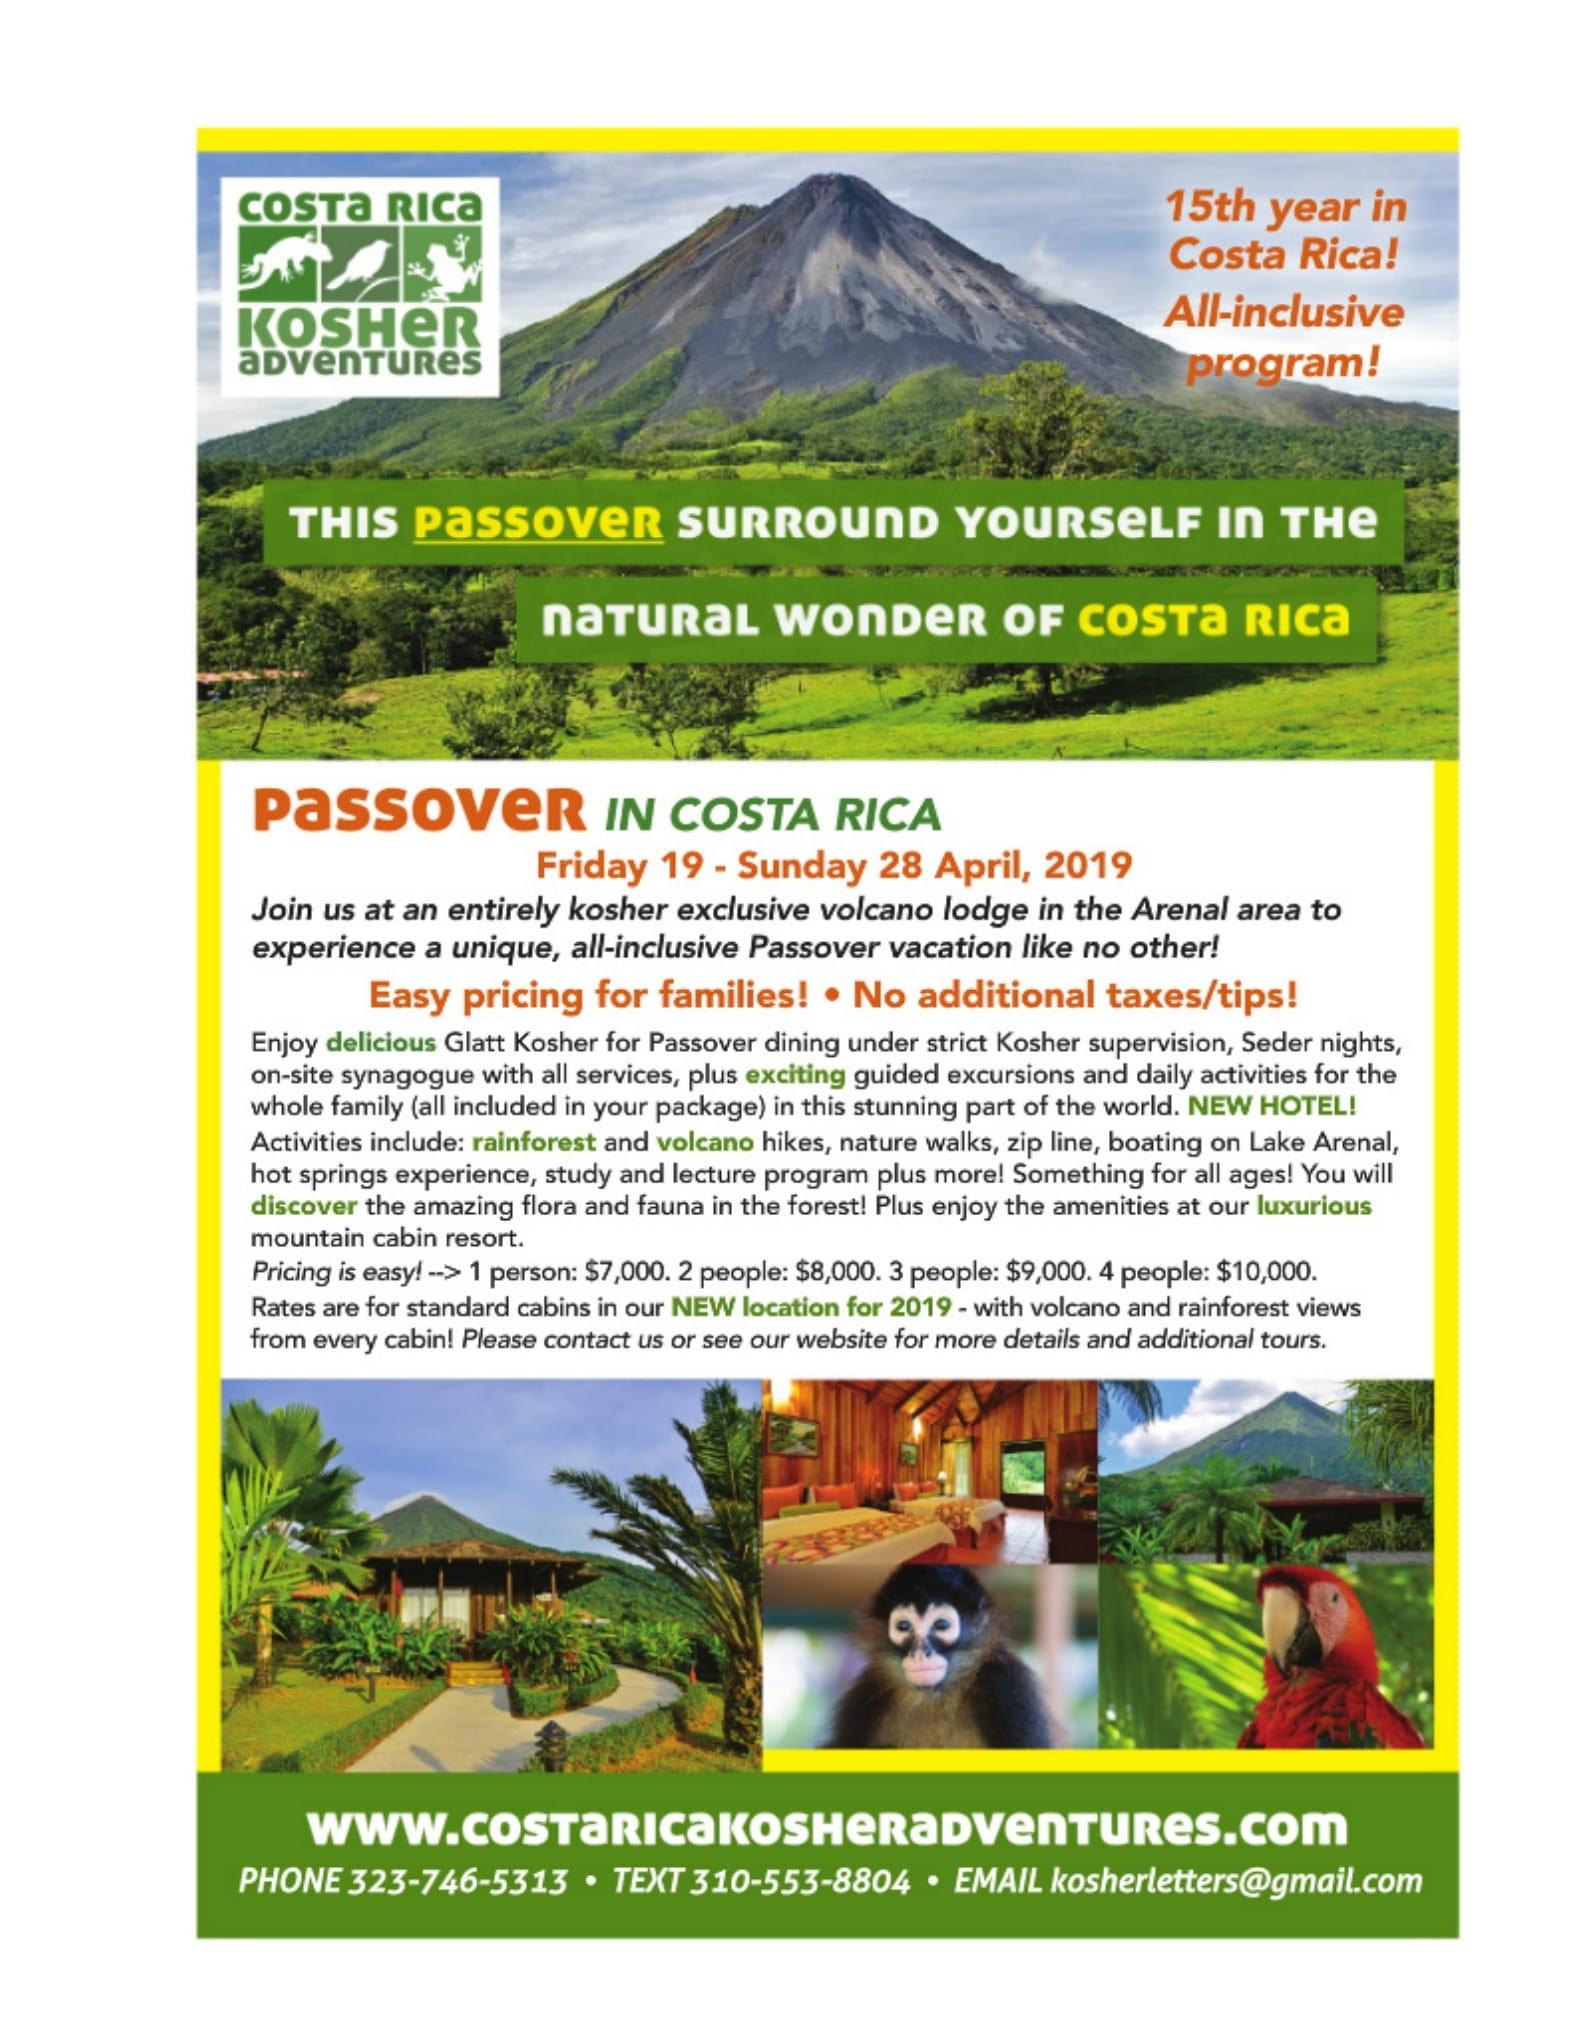 Pesach in Costa Rica - KosherGuru - Bringing Anything and